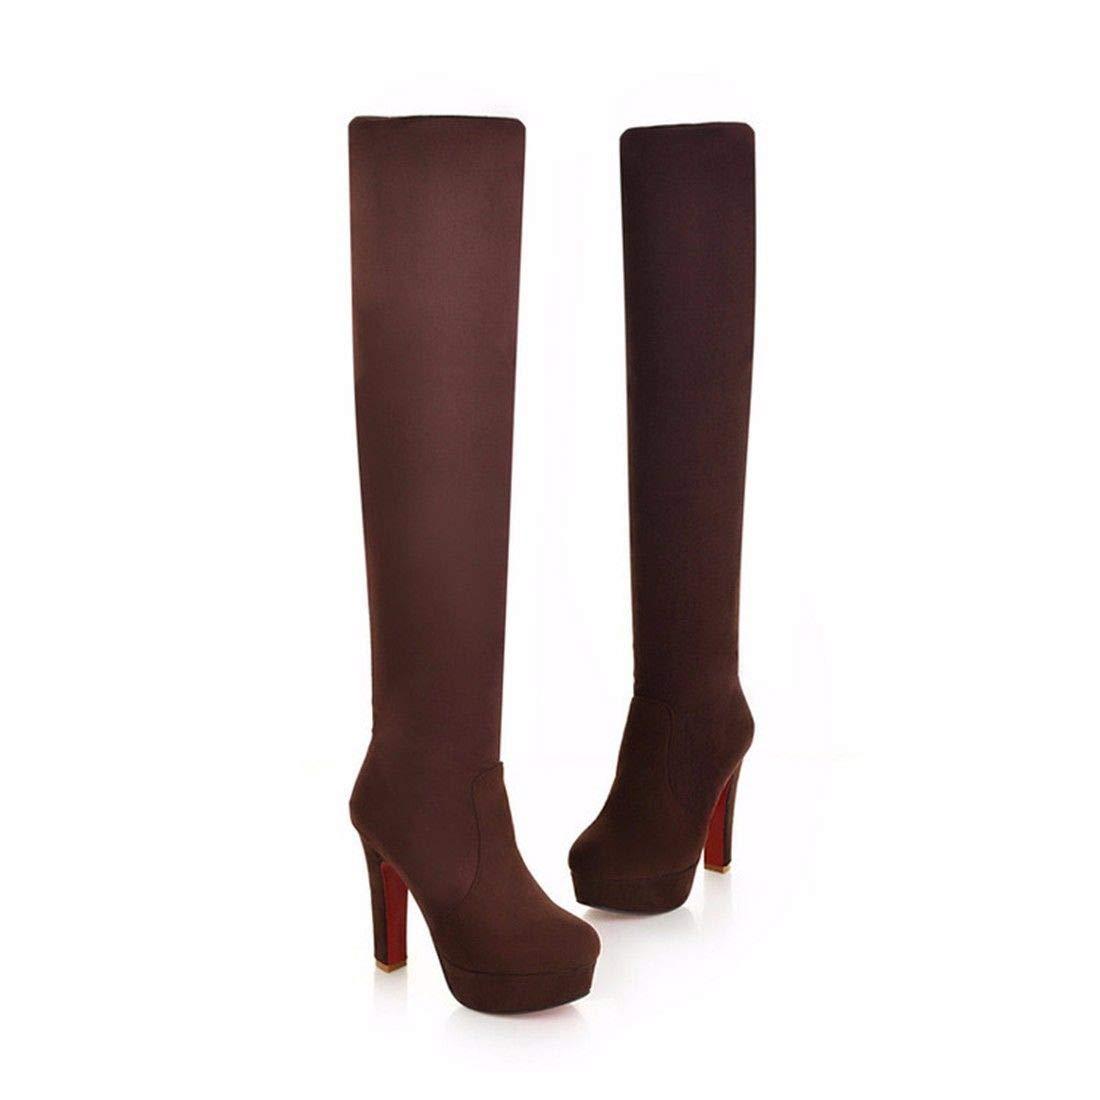 AIKAKA Frauen Herbst und Winter Europa und Amerika Sexy warme High Heel Schuhe Overknee Stiefel